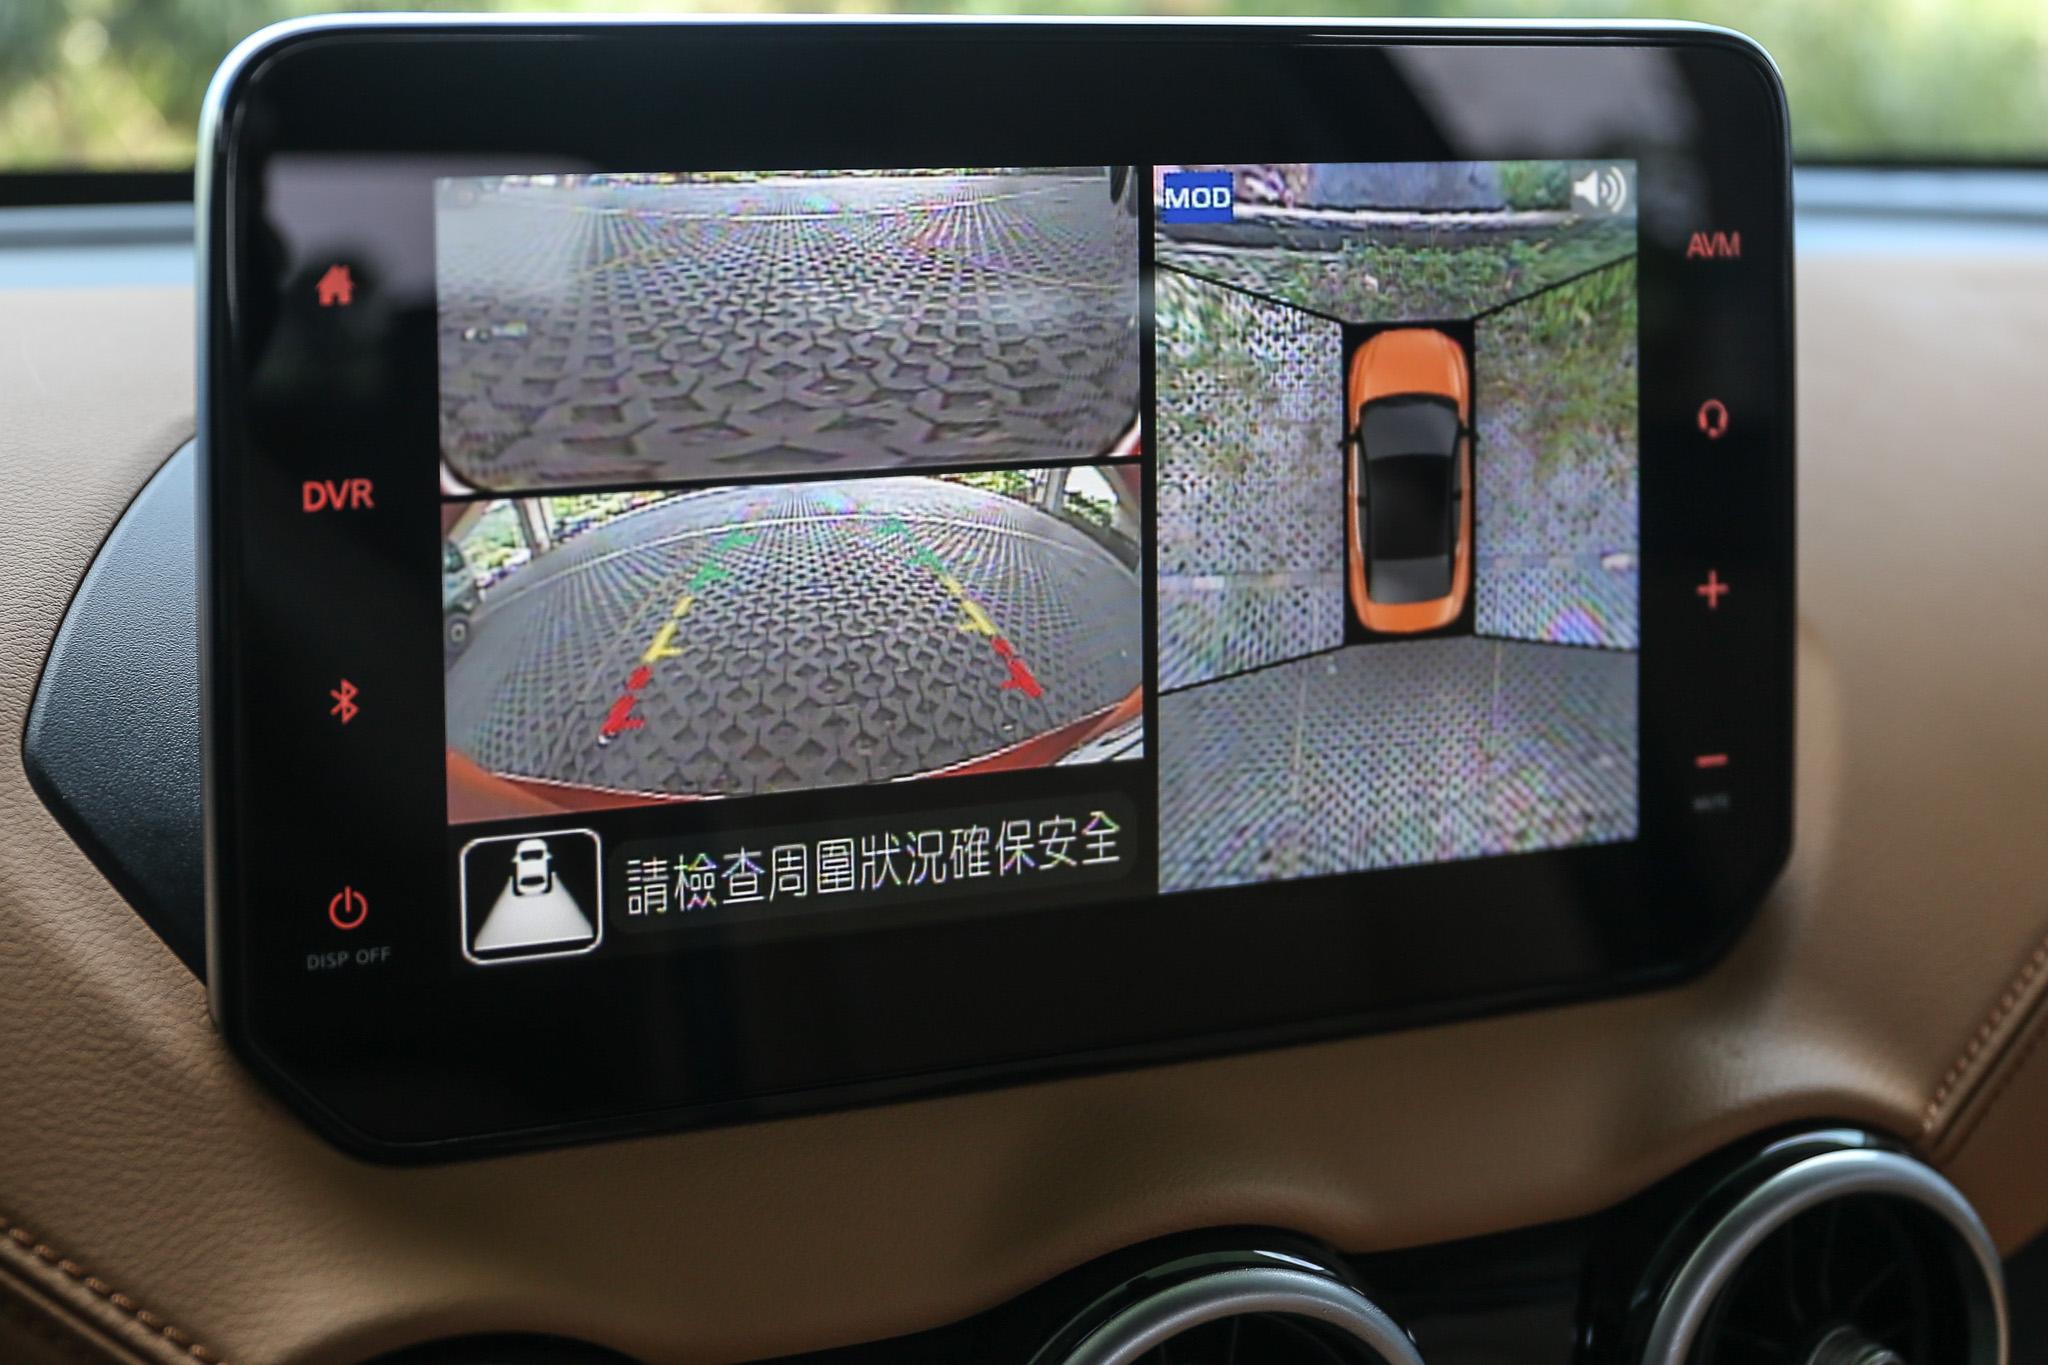 立體 360 環景顯示功能,相當適合台灣用車環境。